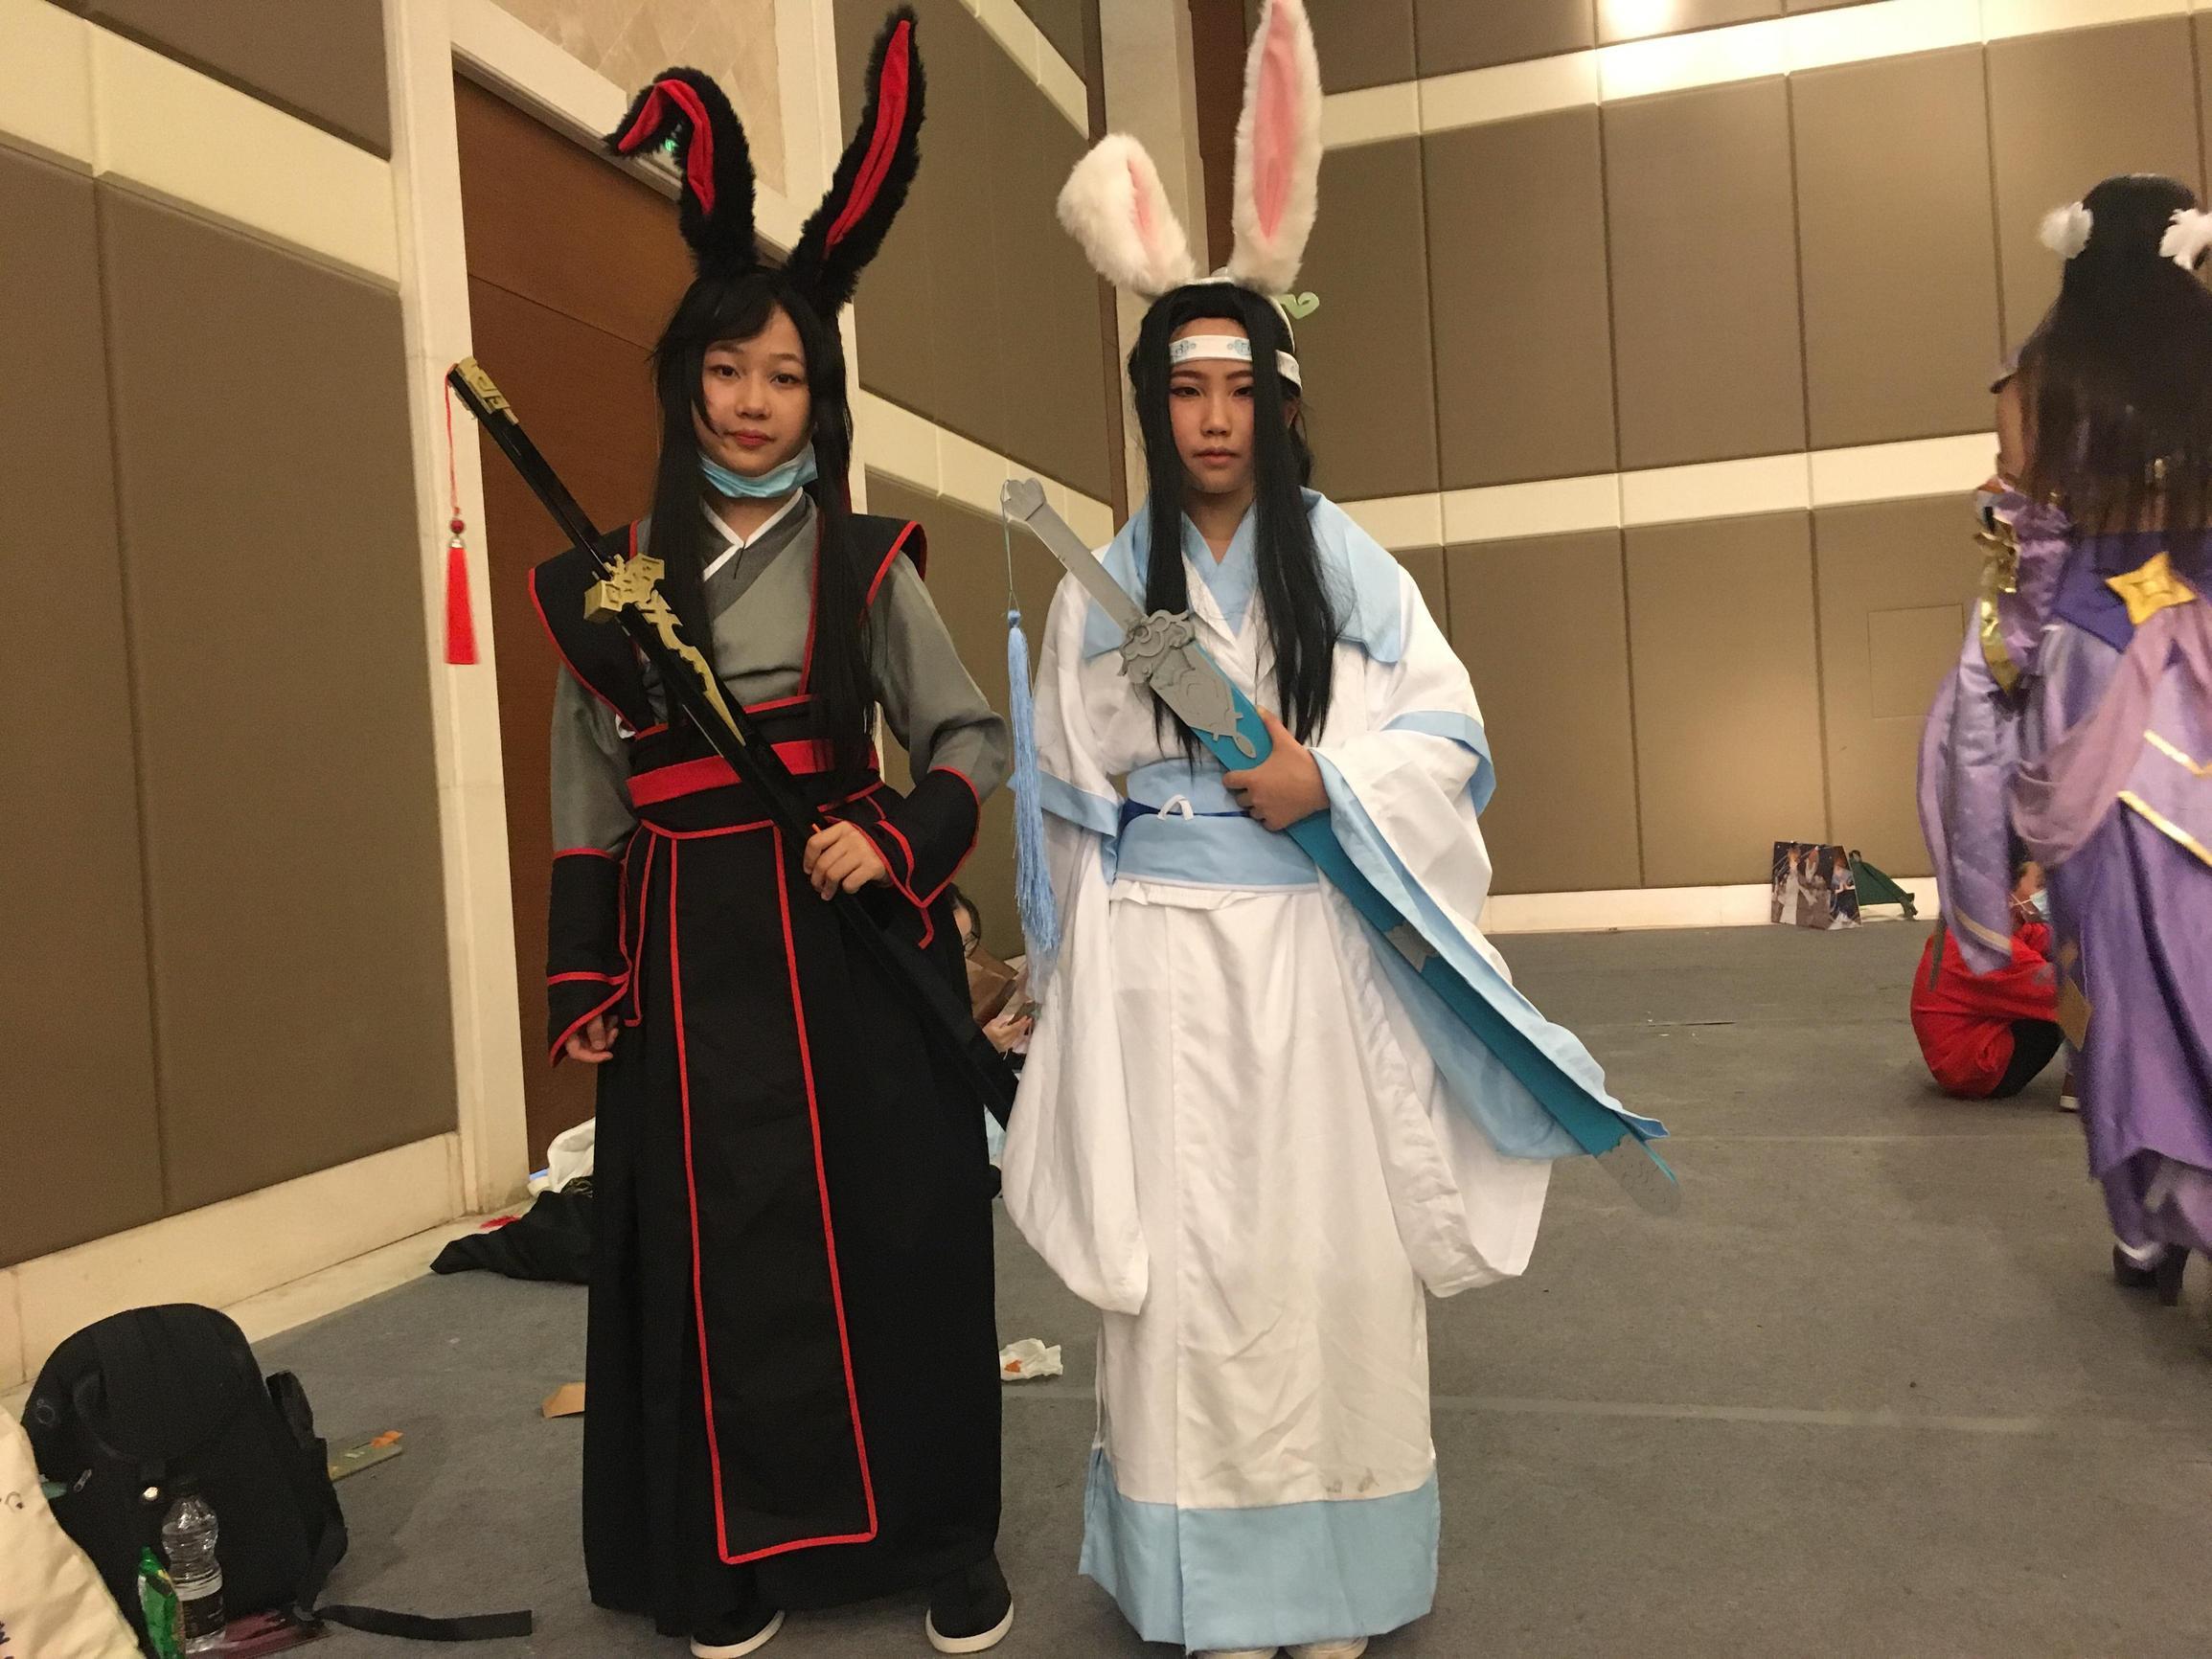 漫展cosplay【CN:小朋友是我的啊啊啊】-第12张